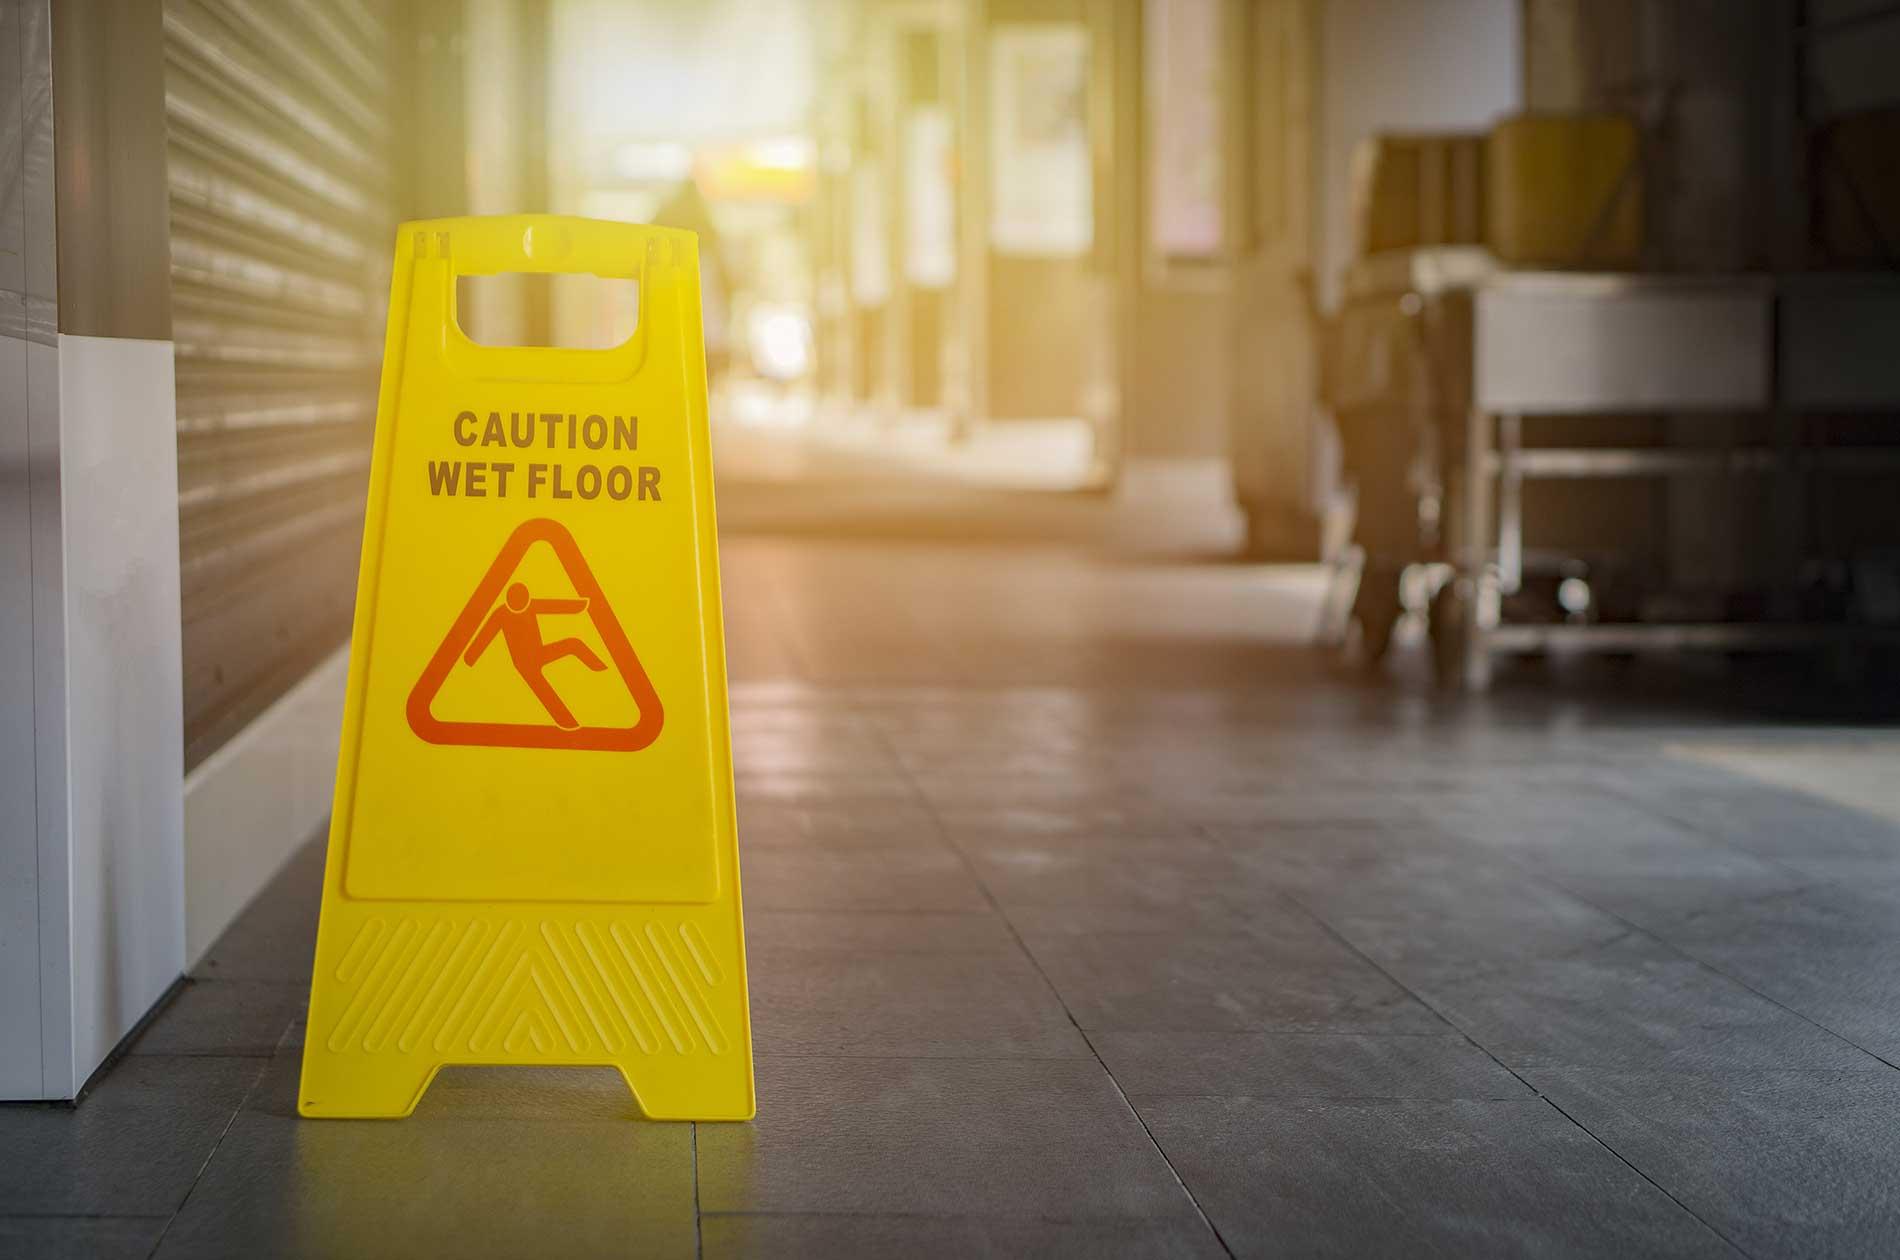 A wet floor sign